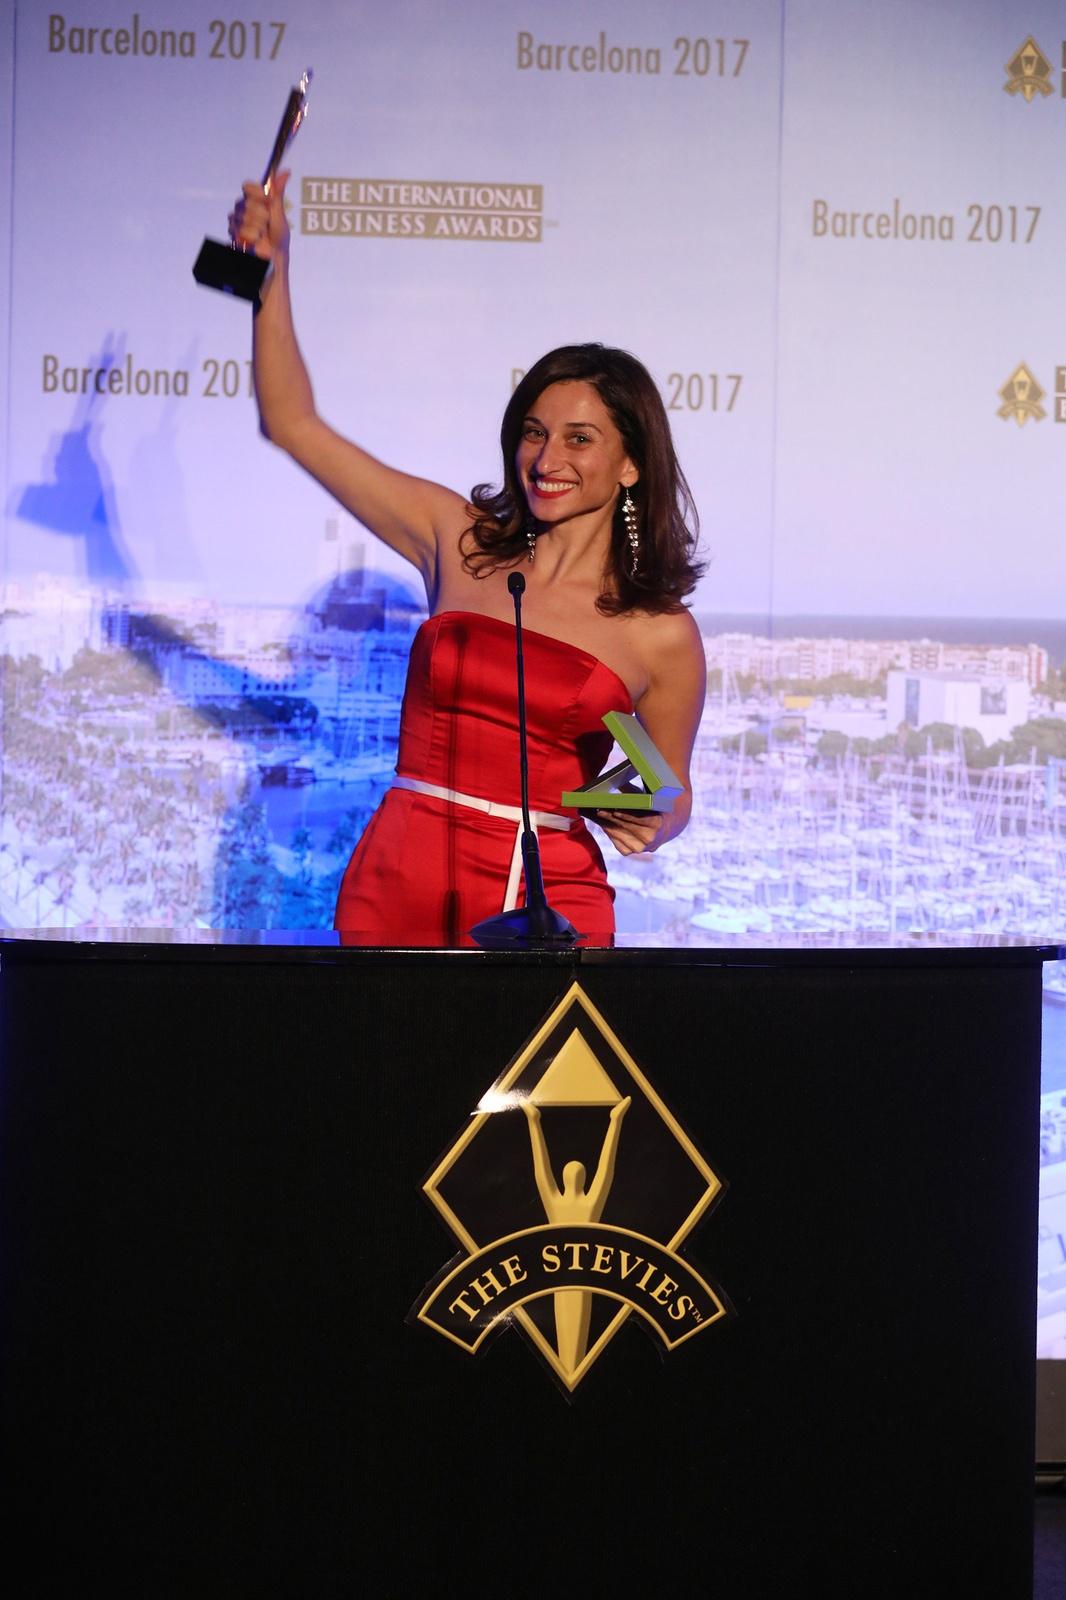 IBA winner woman 2017.jpg